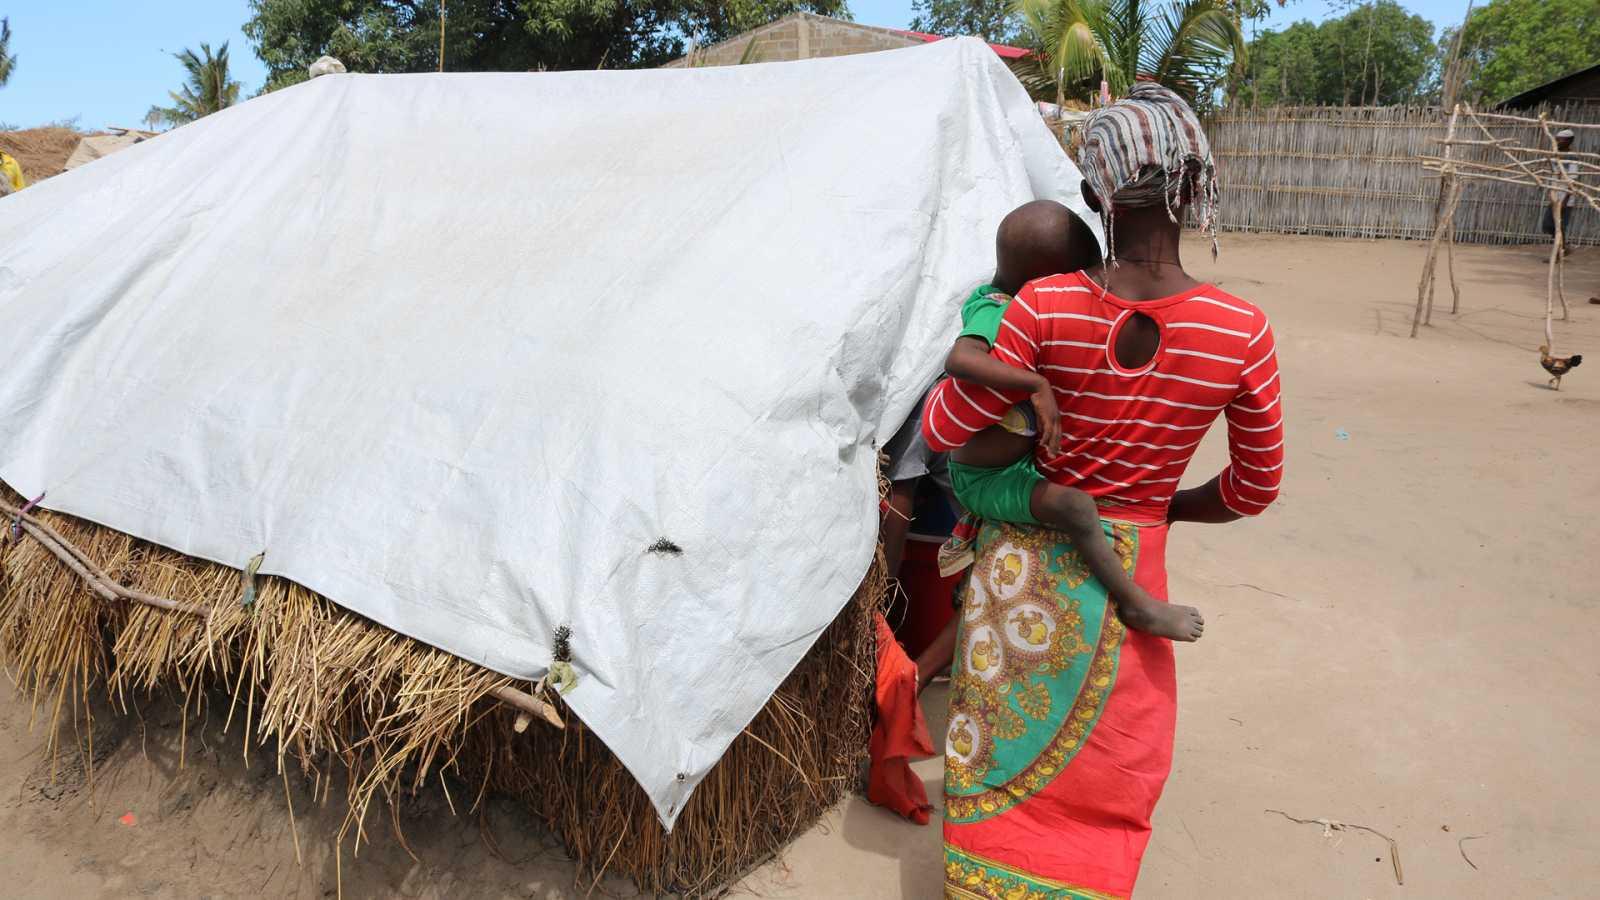 África hoy - Mozambique: las condiciones de los desplazados son un caldo de cultivo para enfermedades - 18/03/21 - escuchar ahora